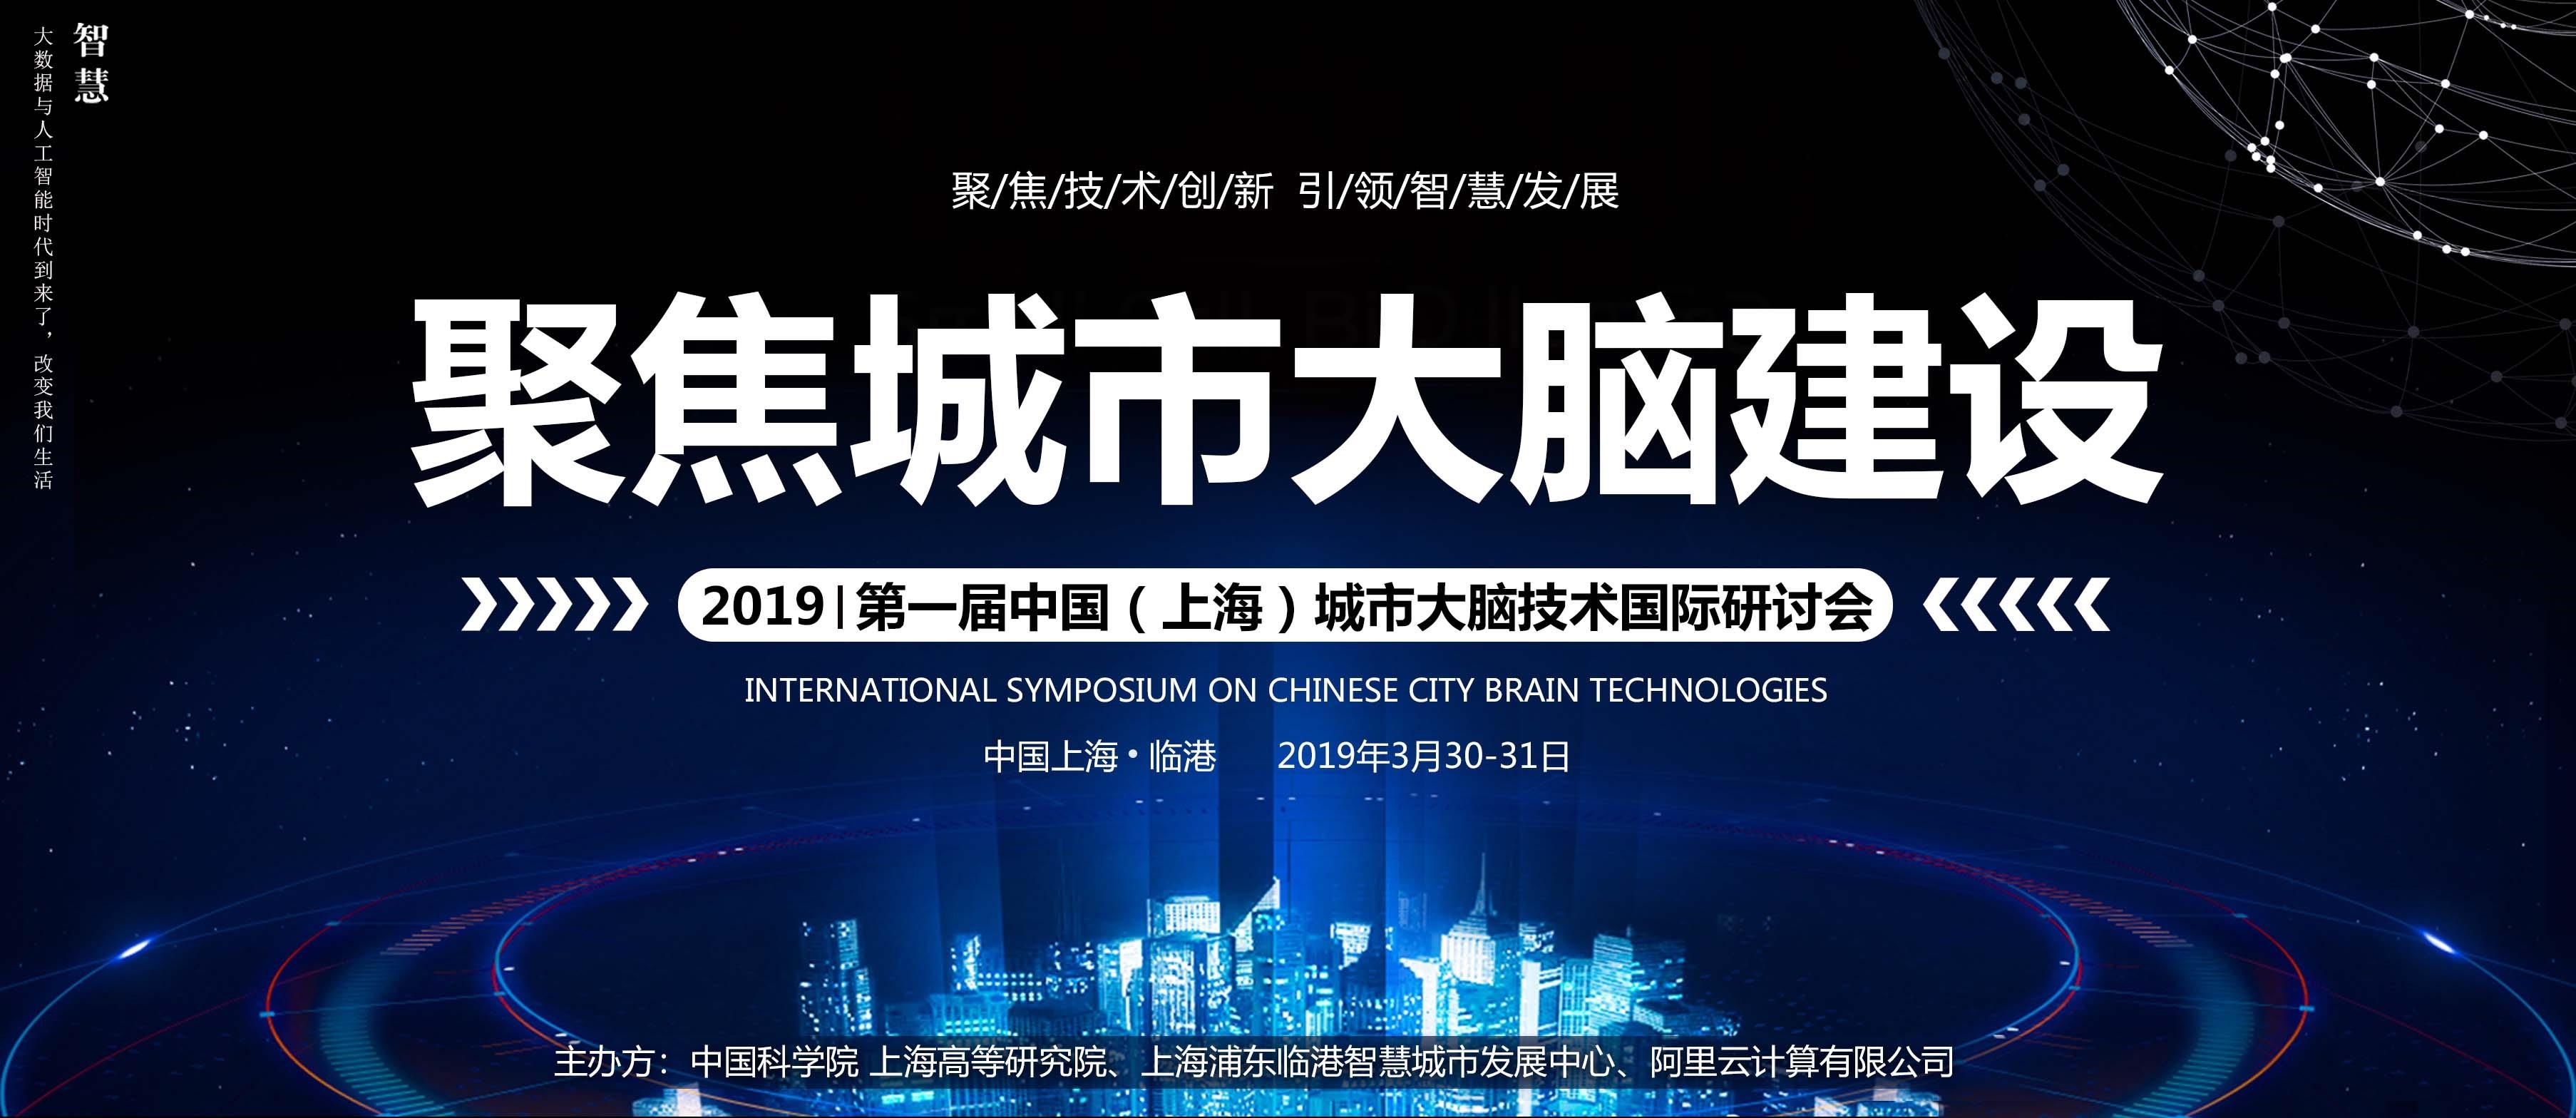 2019年中国(上海)城市大脑技术国际研讨会